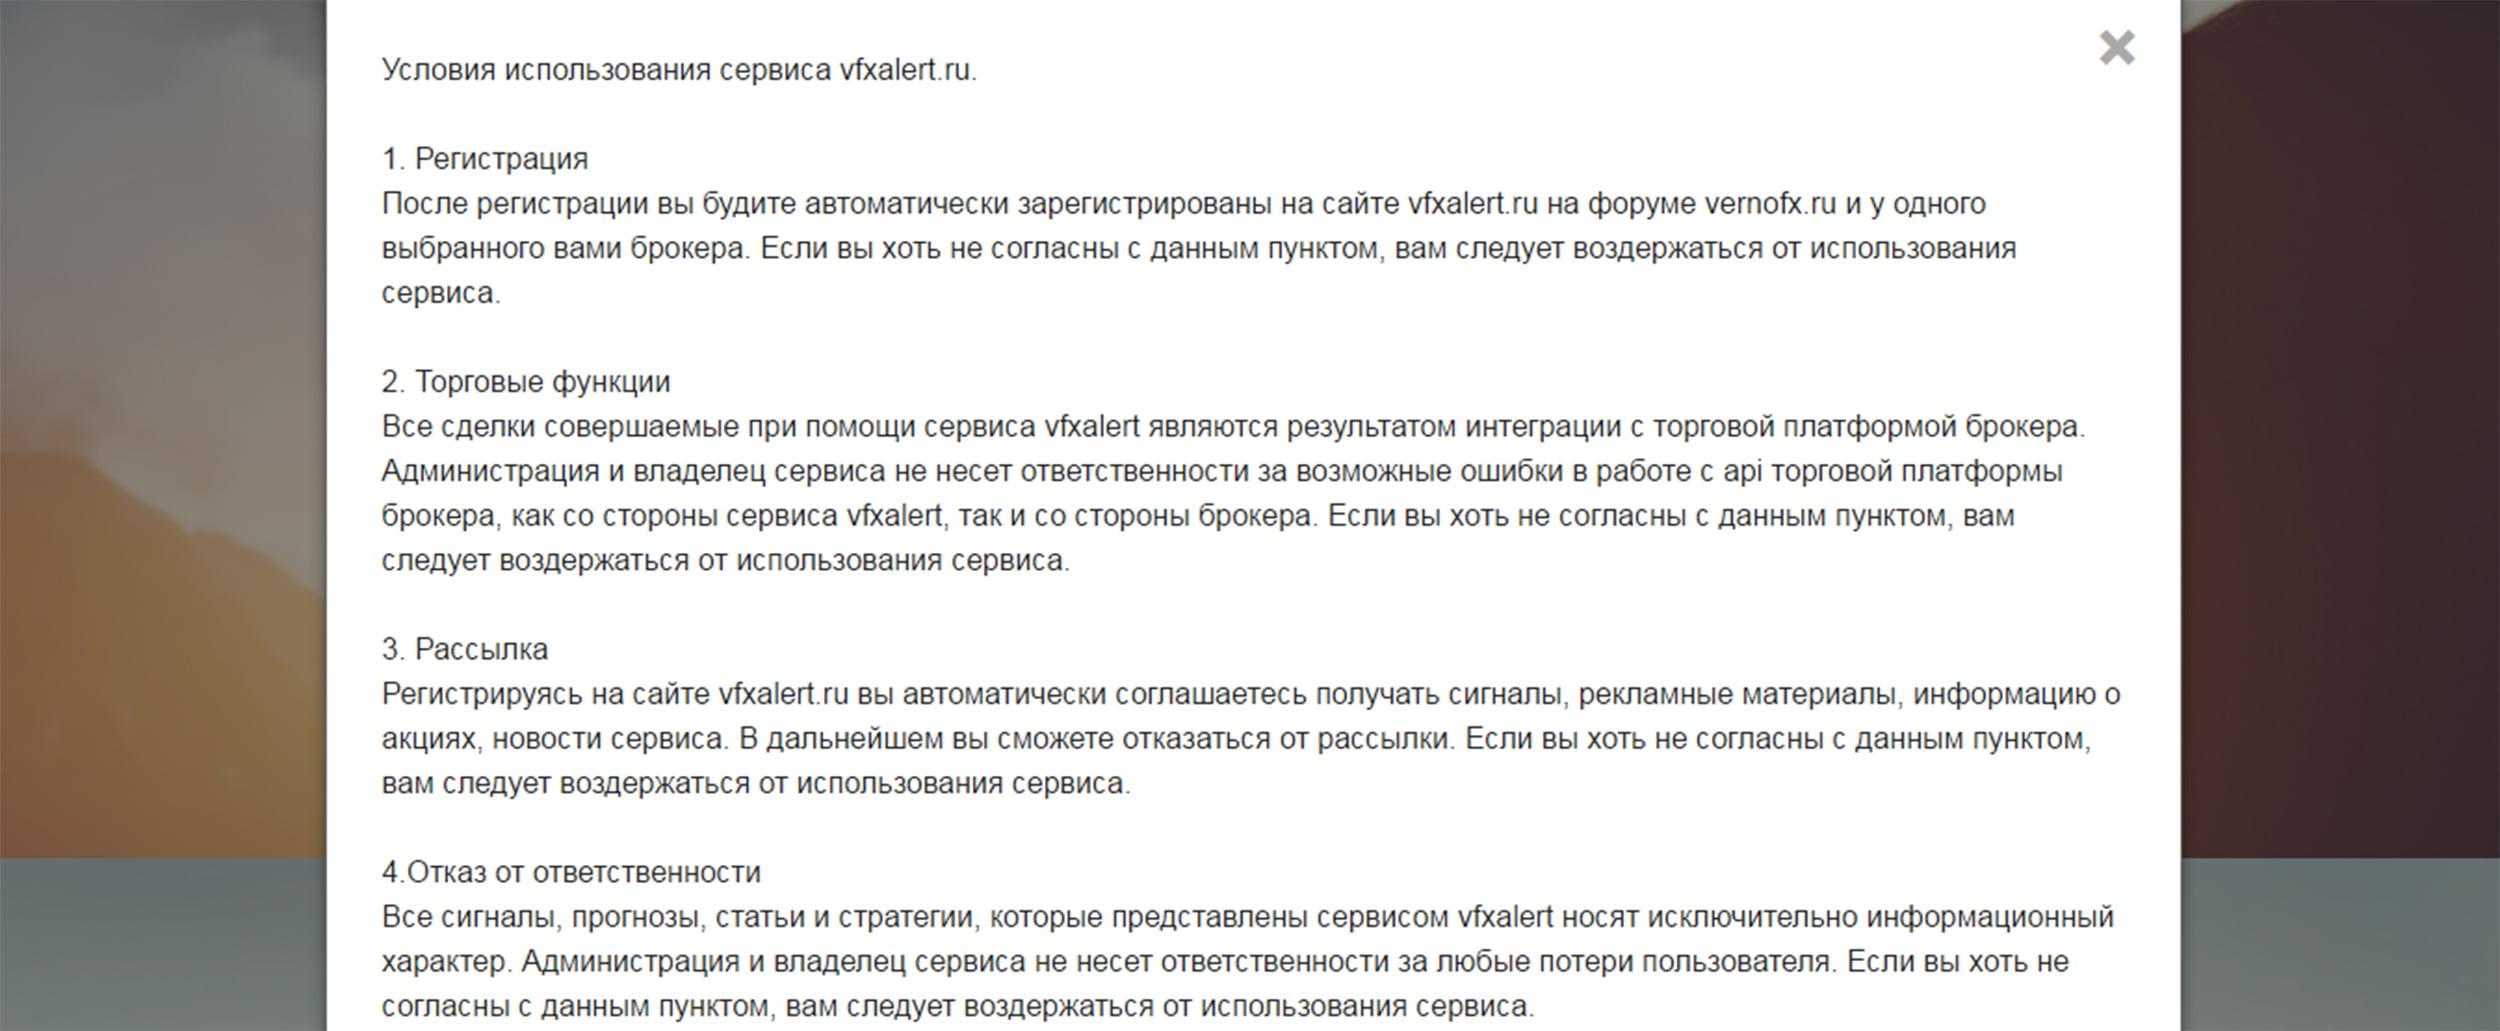 Условия использования сервиса Vfxalert